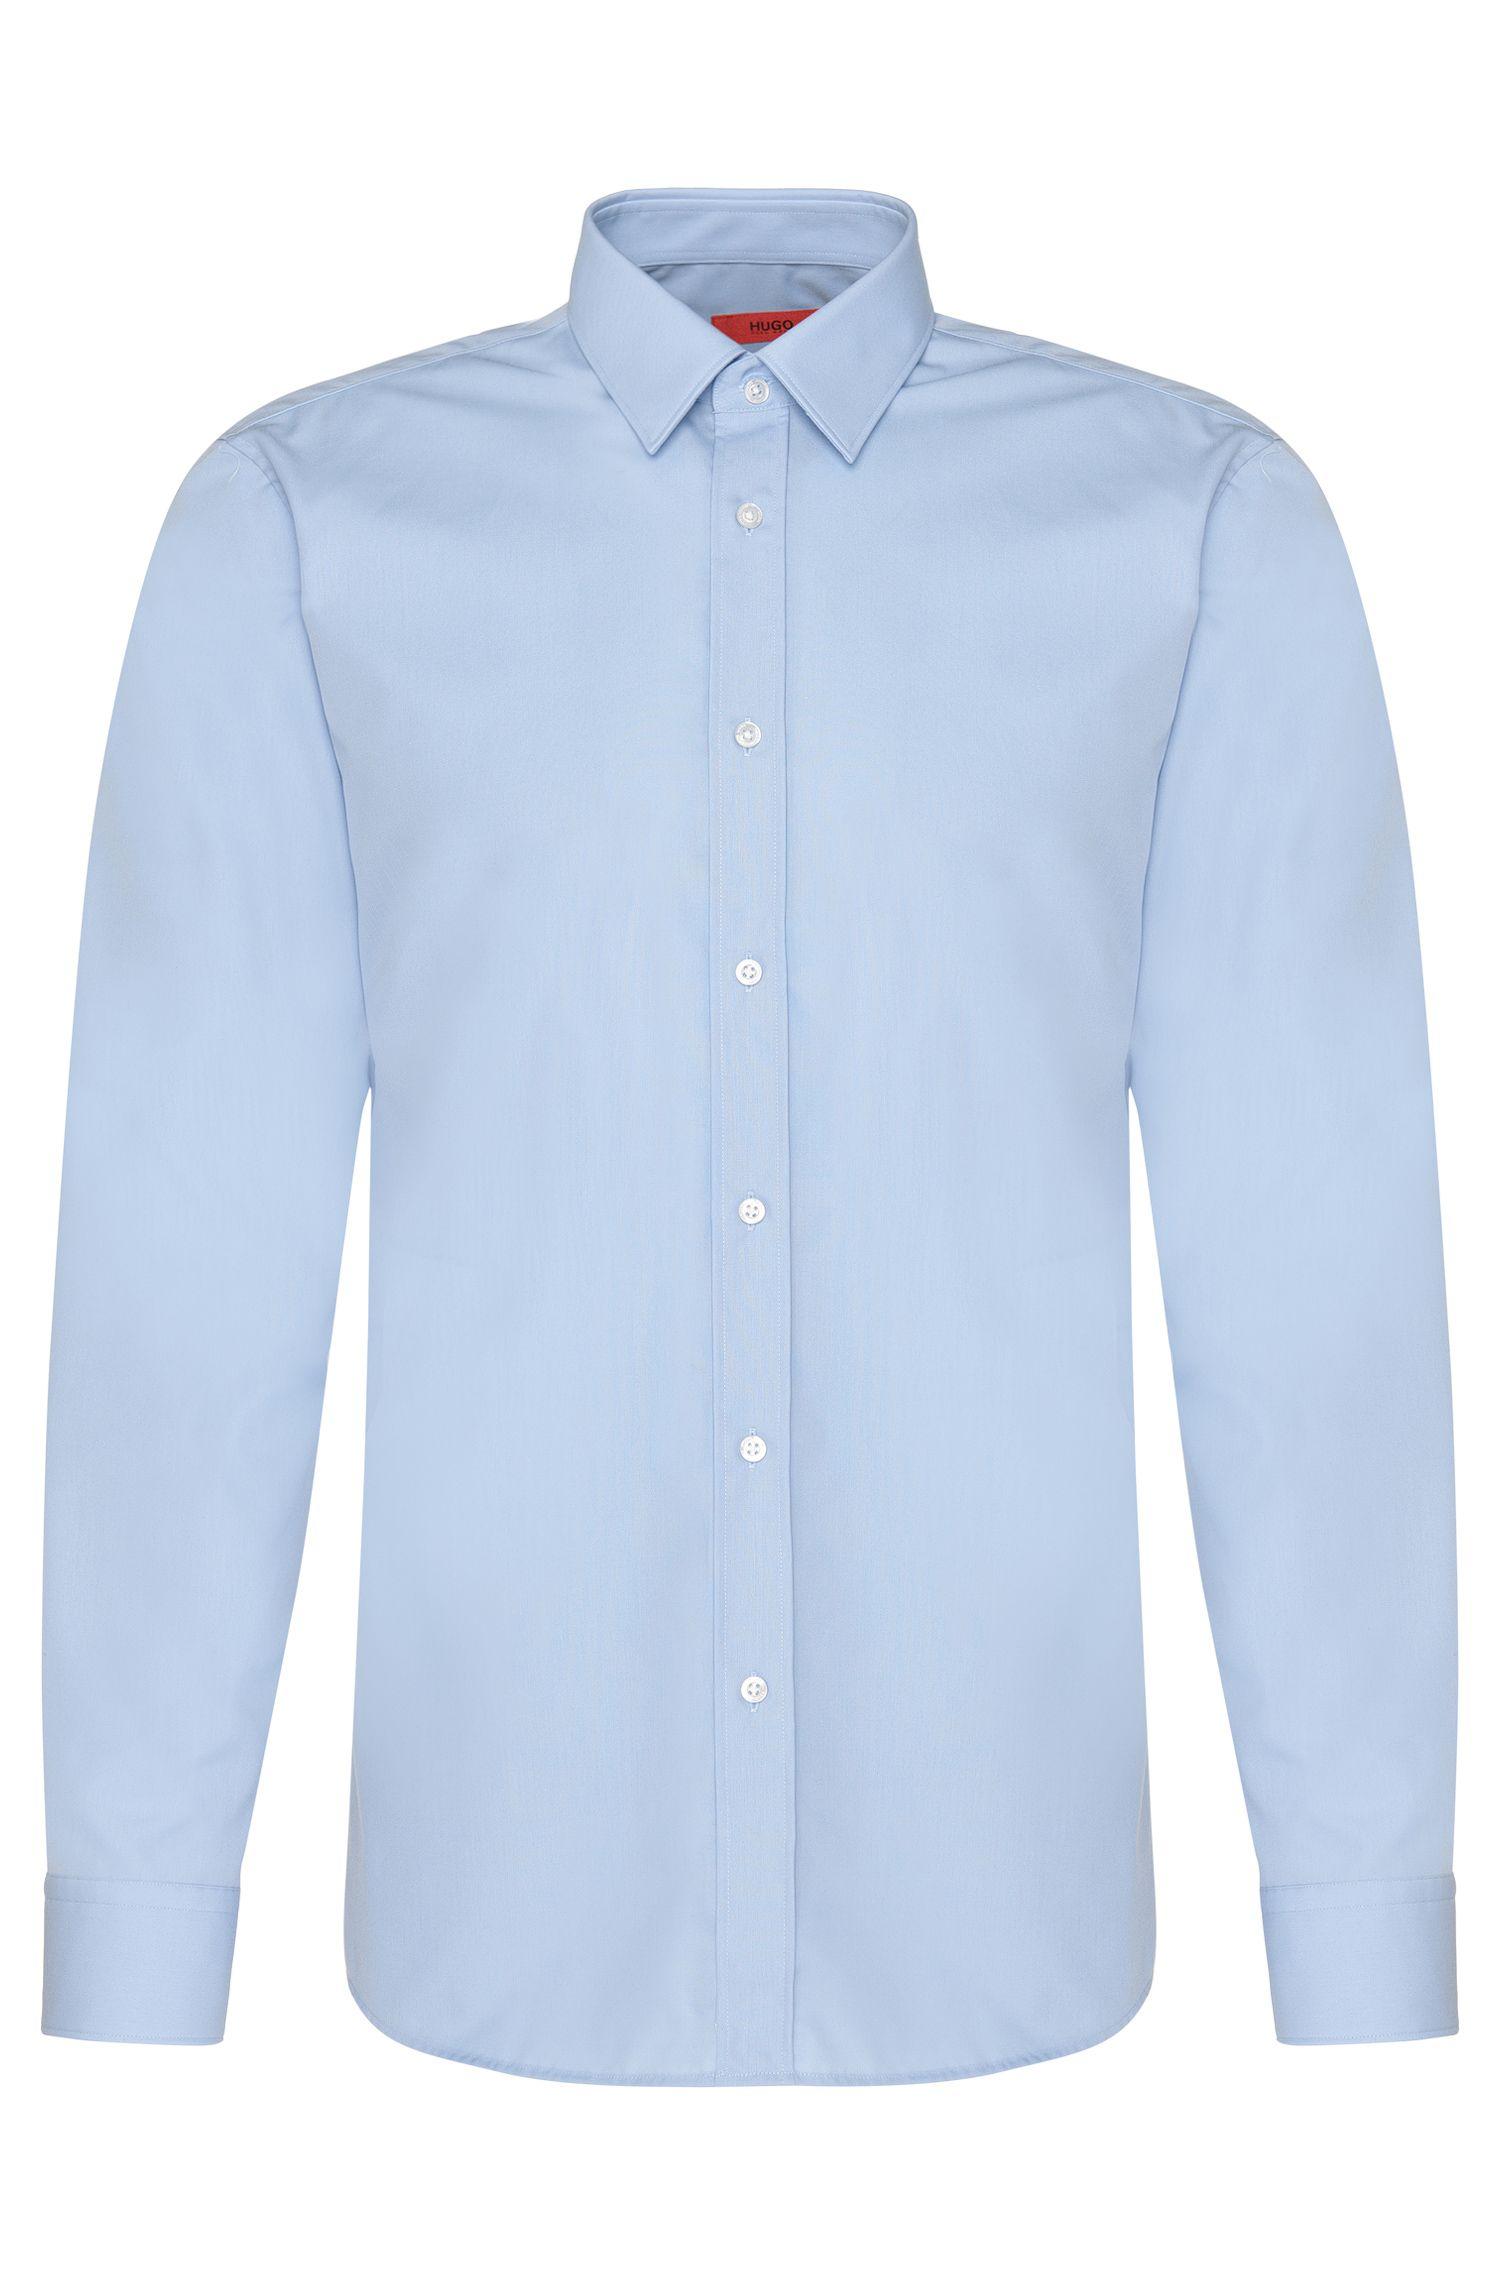 Unifarbenes Slim-Fit Hemd aus Baumwolle: 'Elisha01'